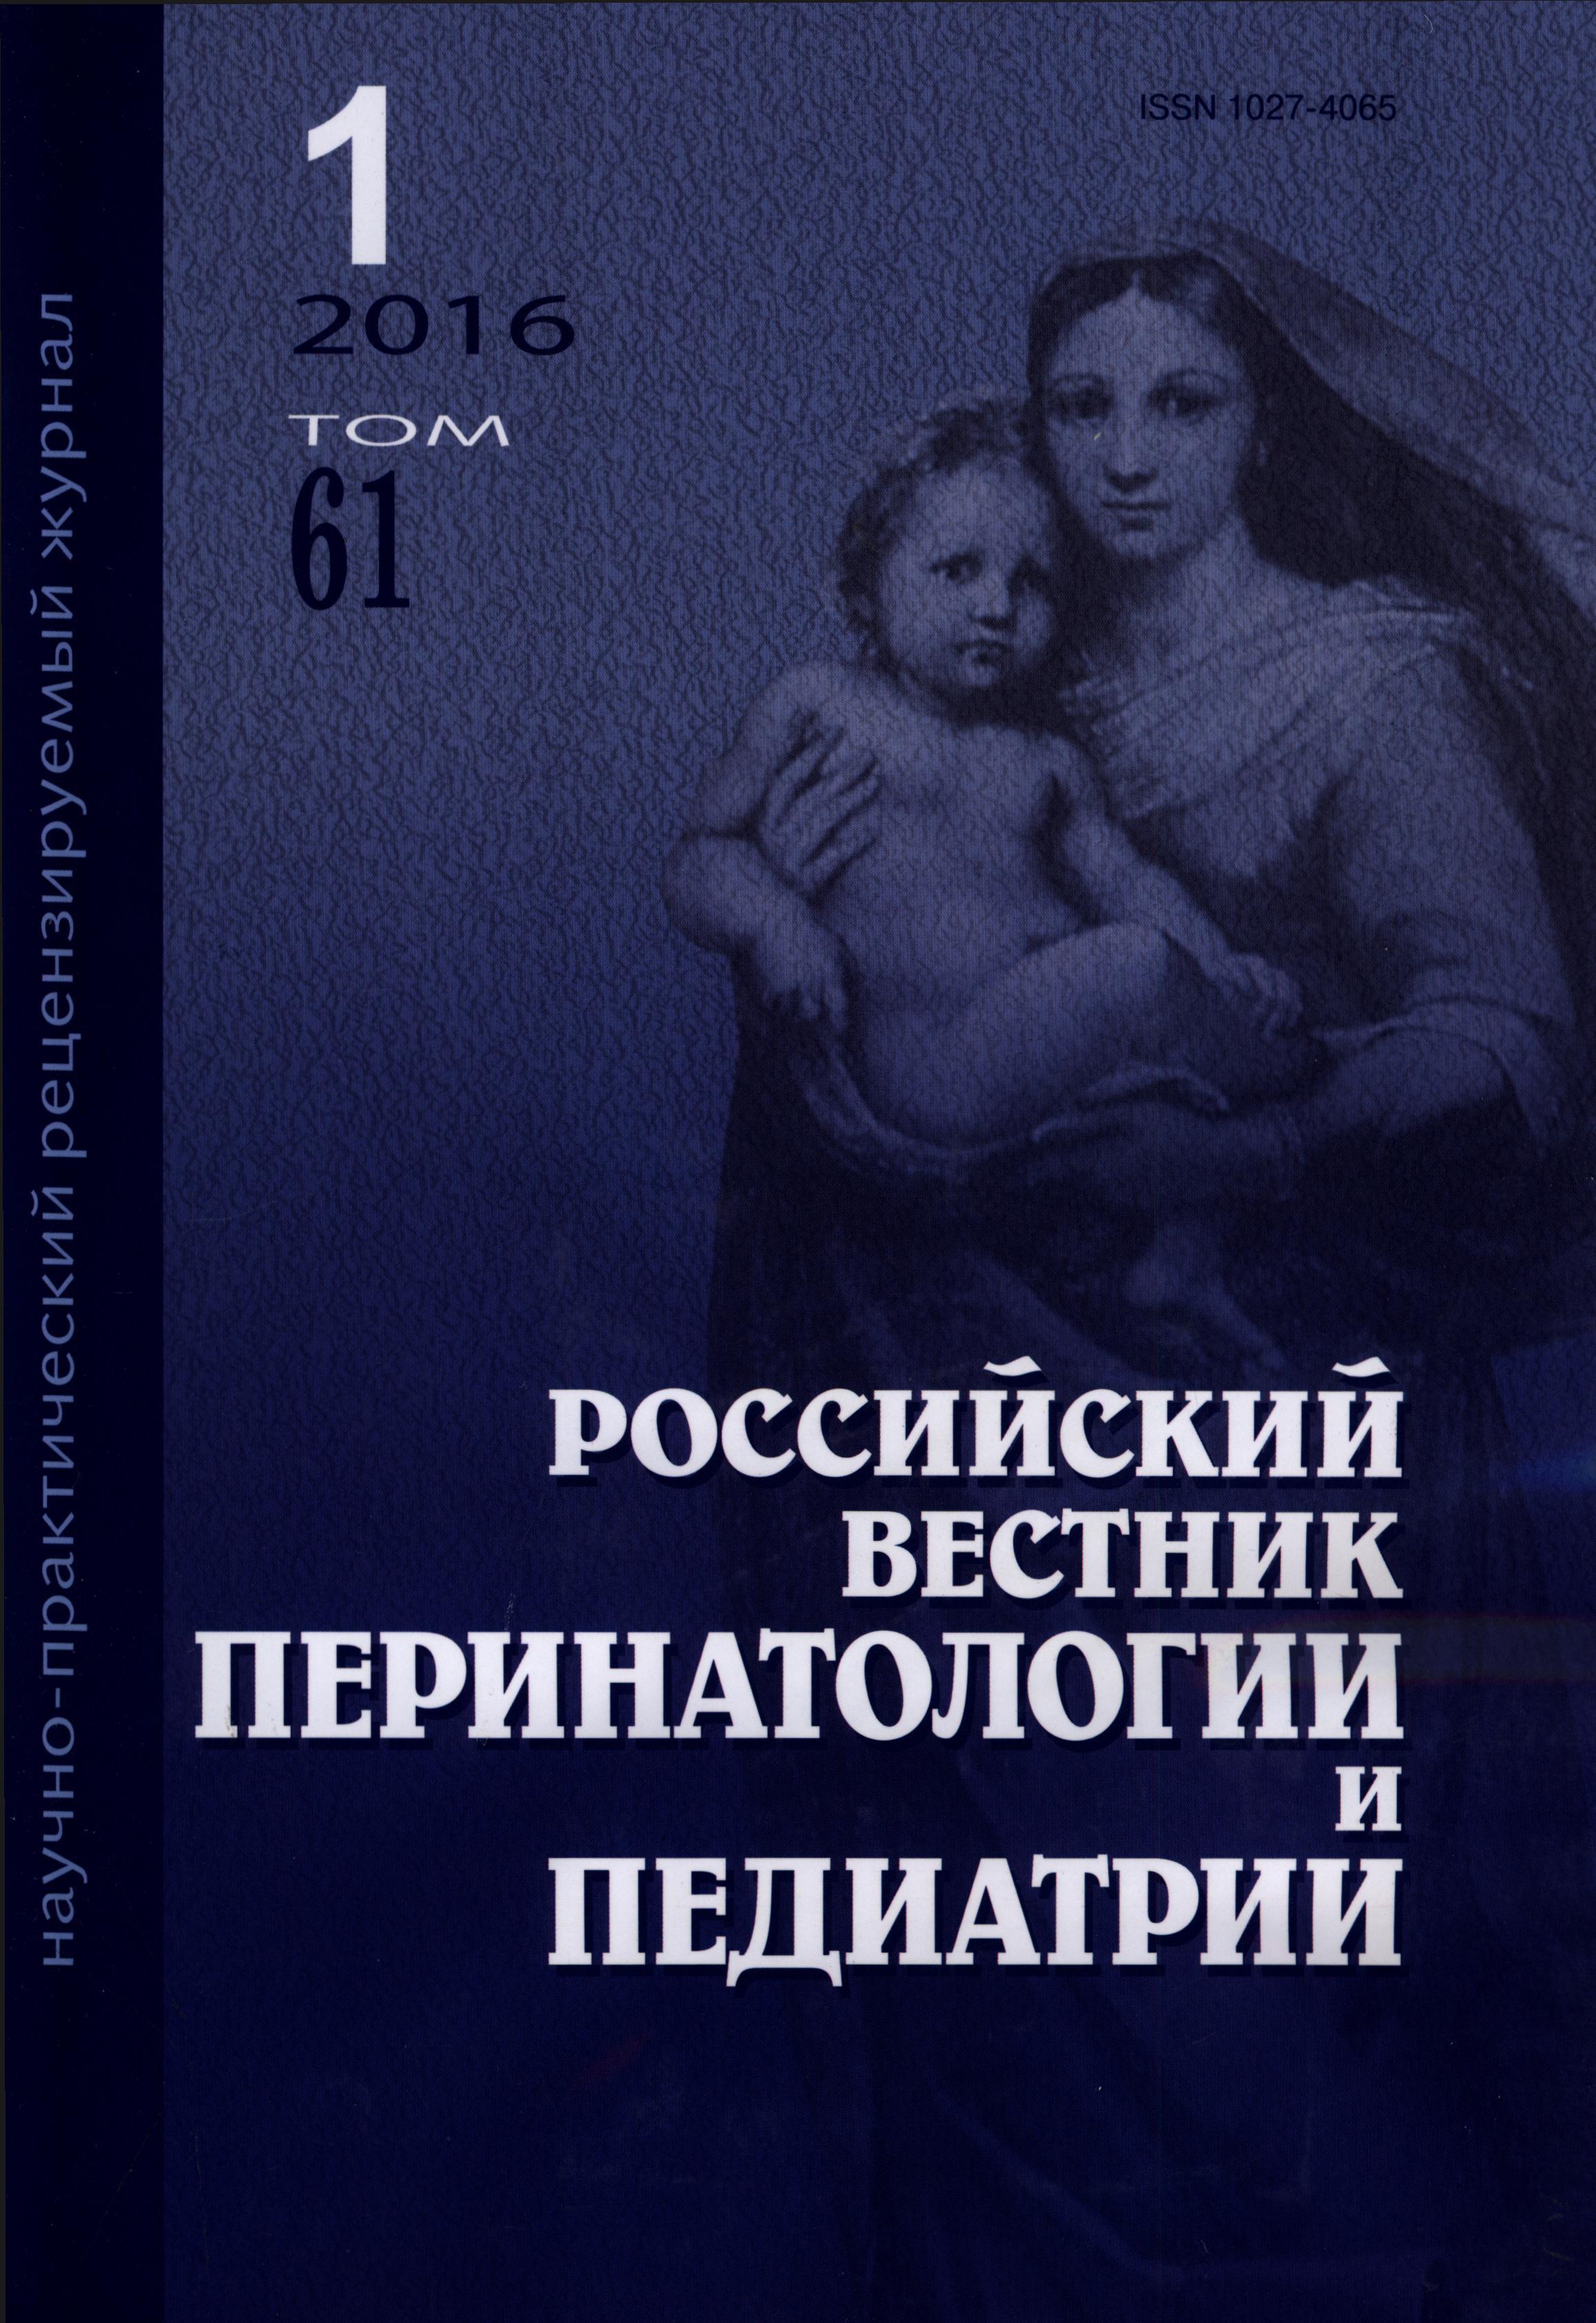 журнал патофизиология и экспериментальная медицина